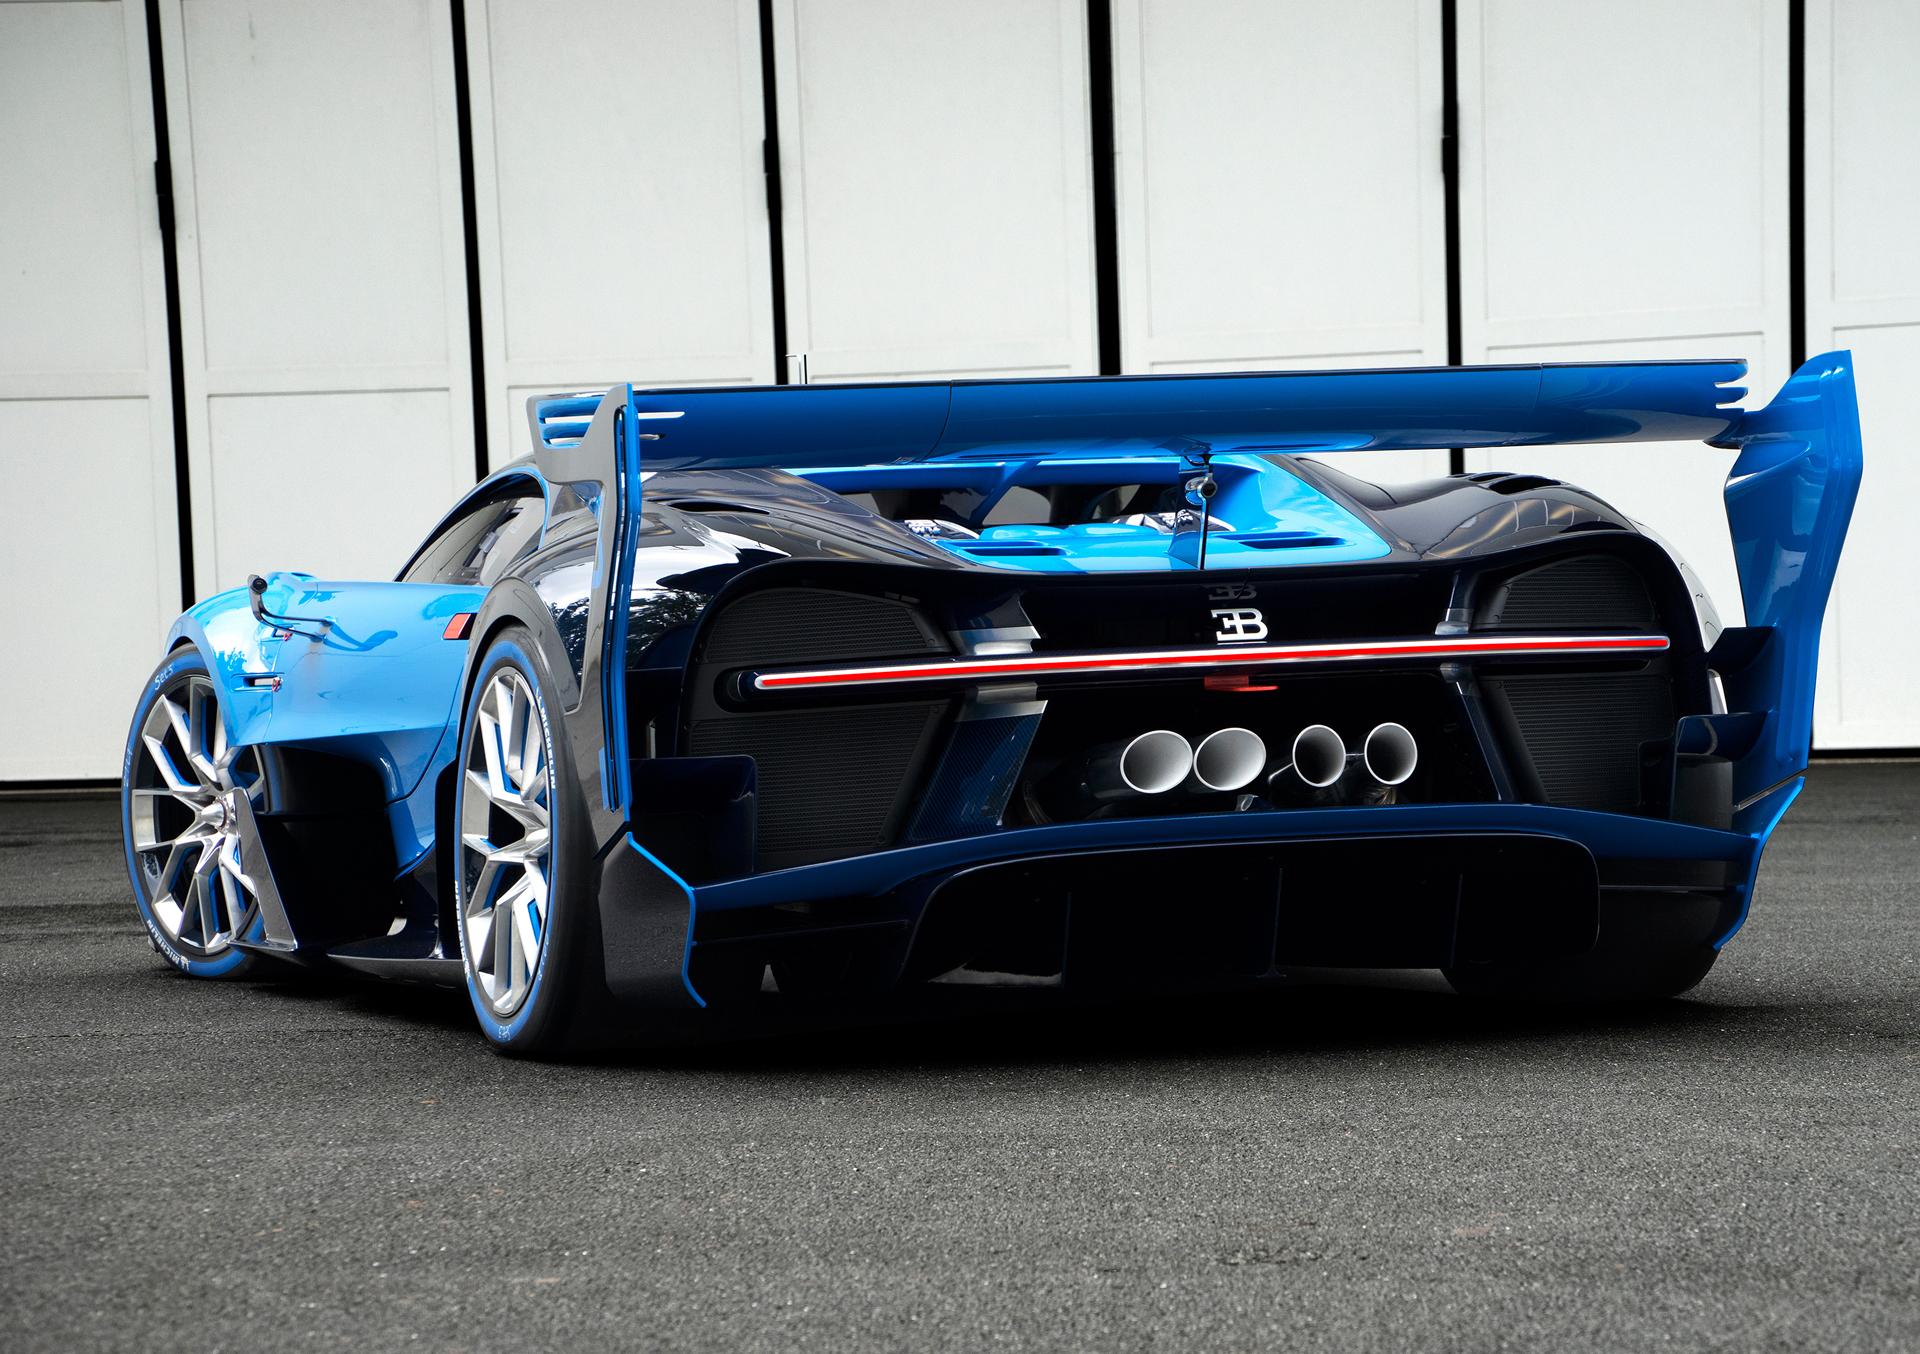 Bugatti_Vision_GranTurismo_reveal_8